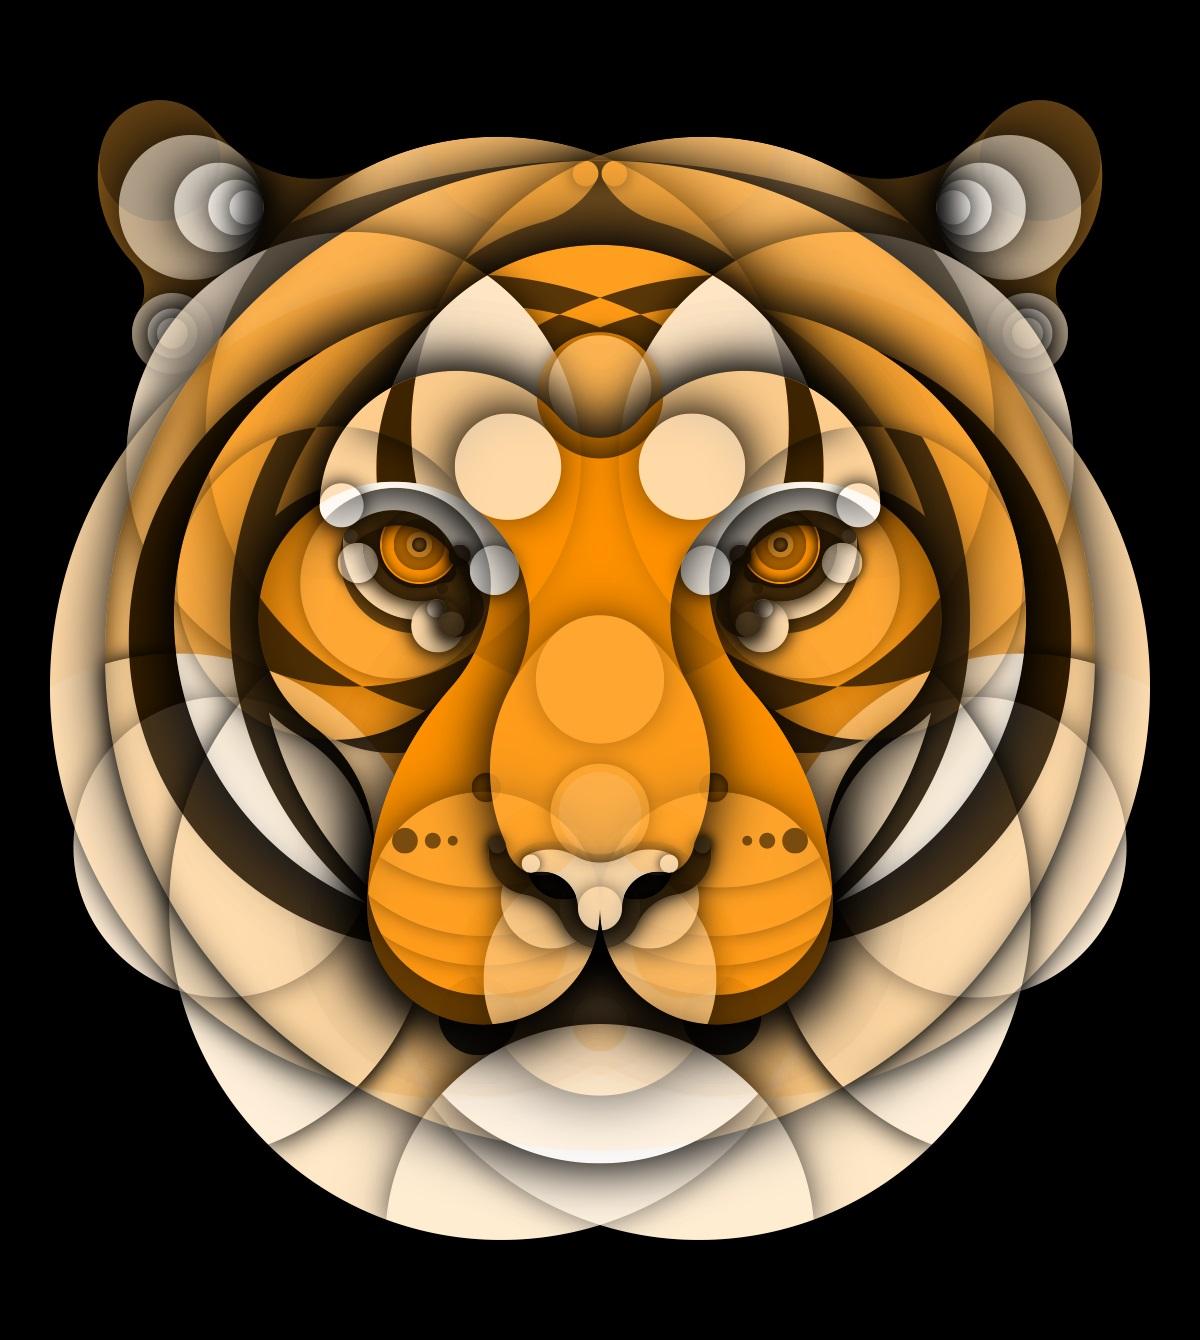 Animales hechos con círculos